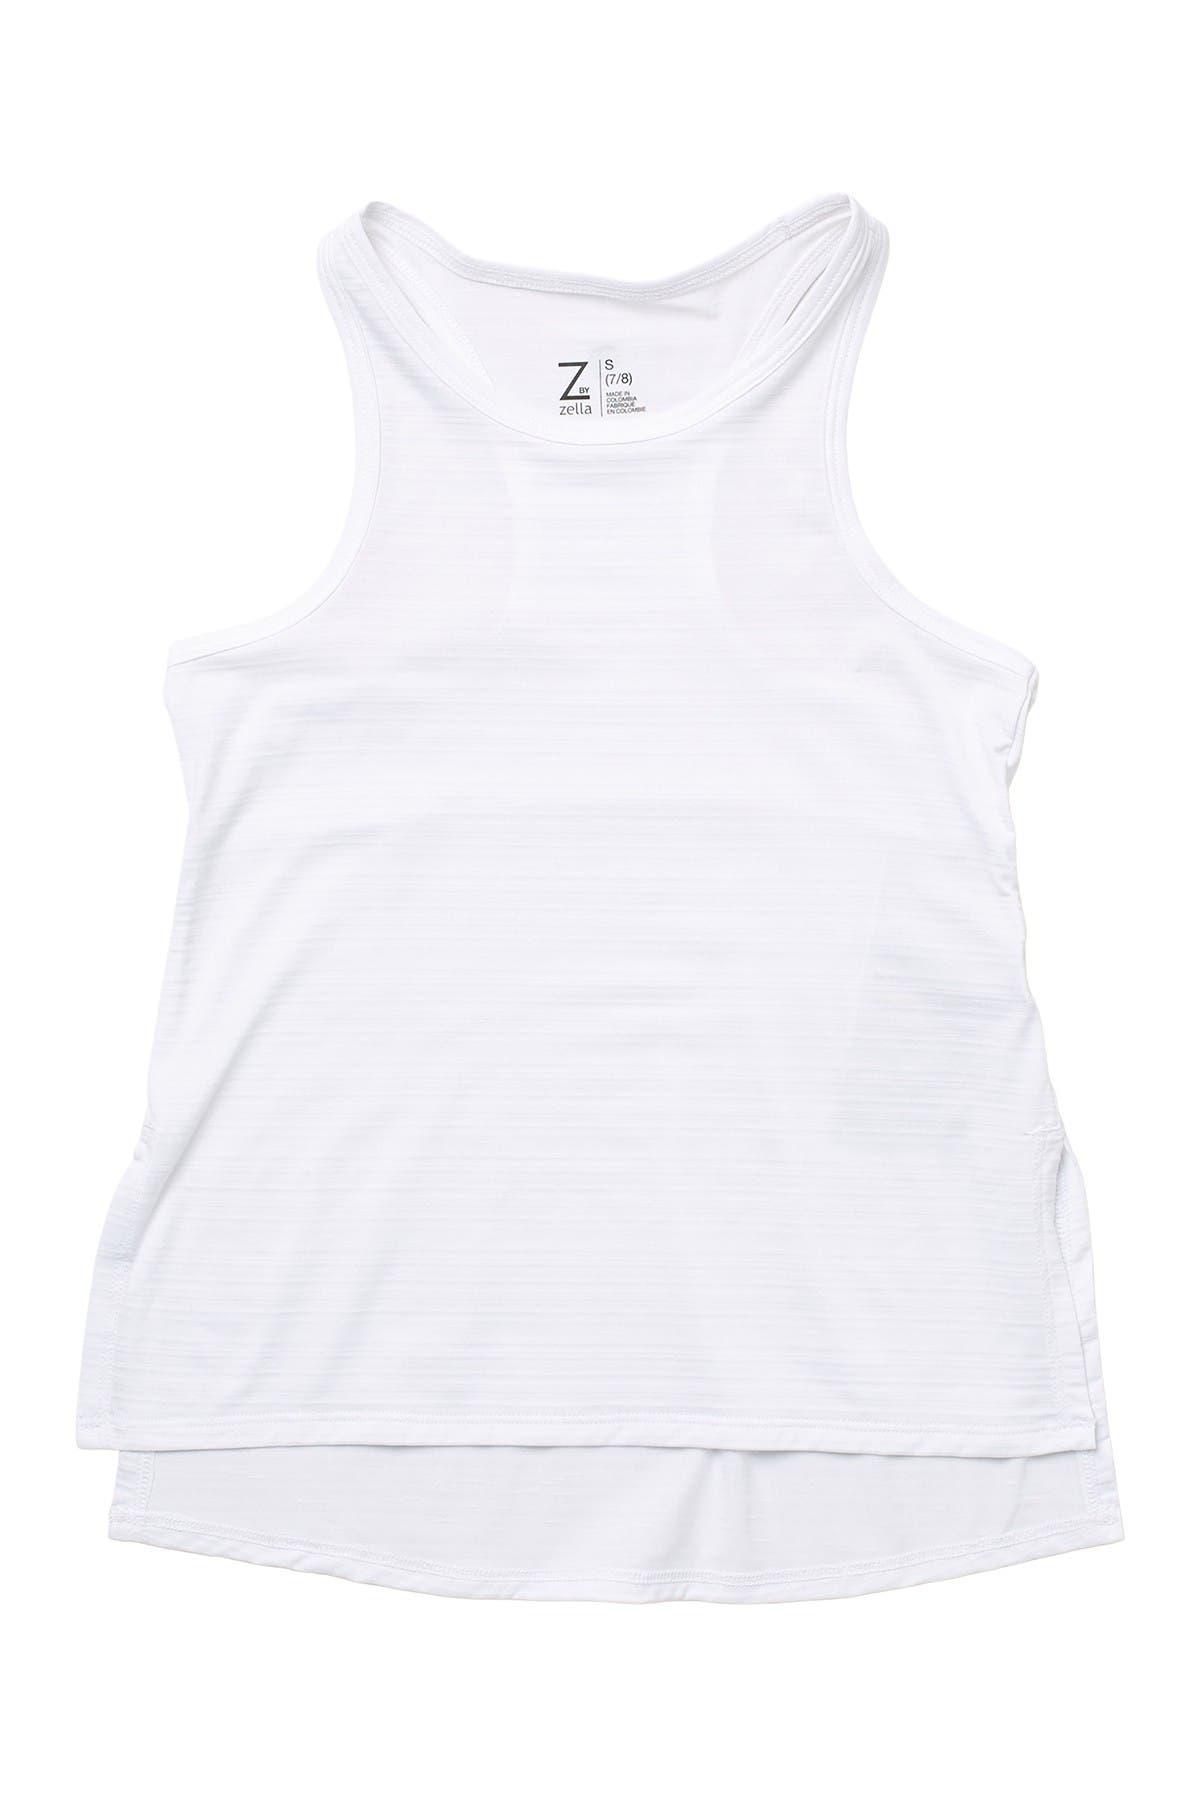 Image of Z by Zella Girl Sakara Performance Tank